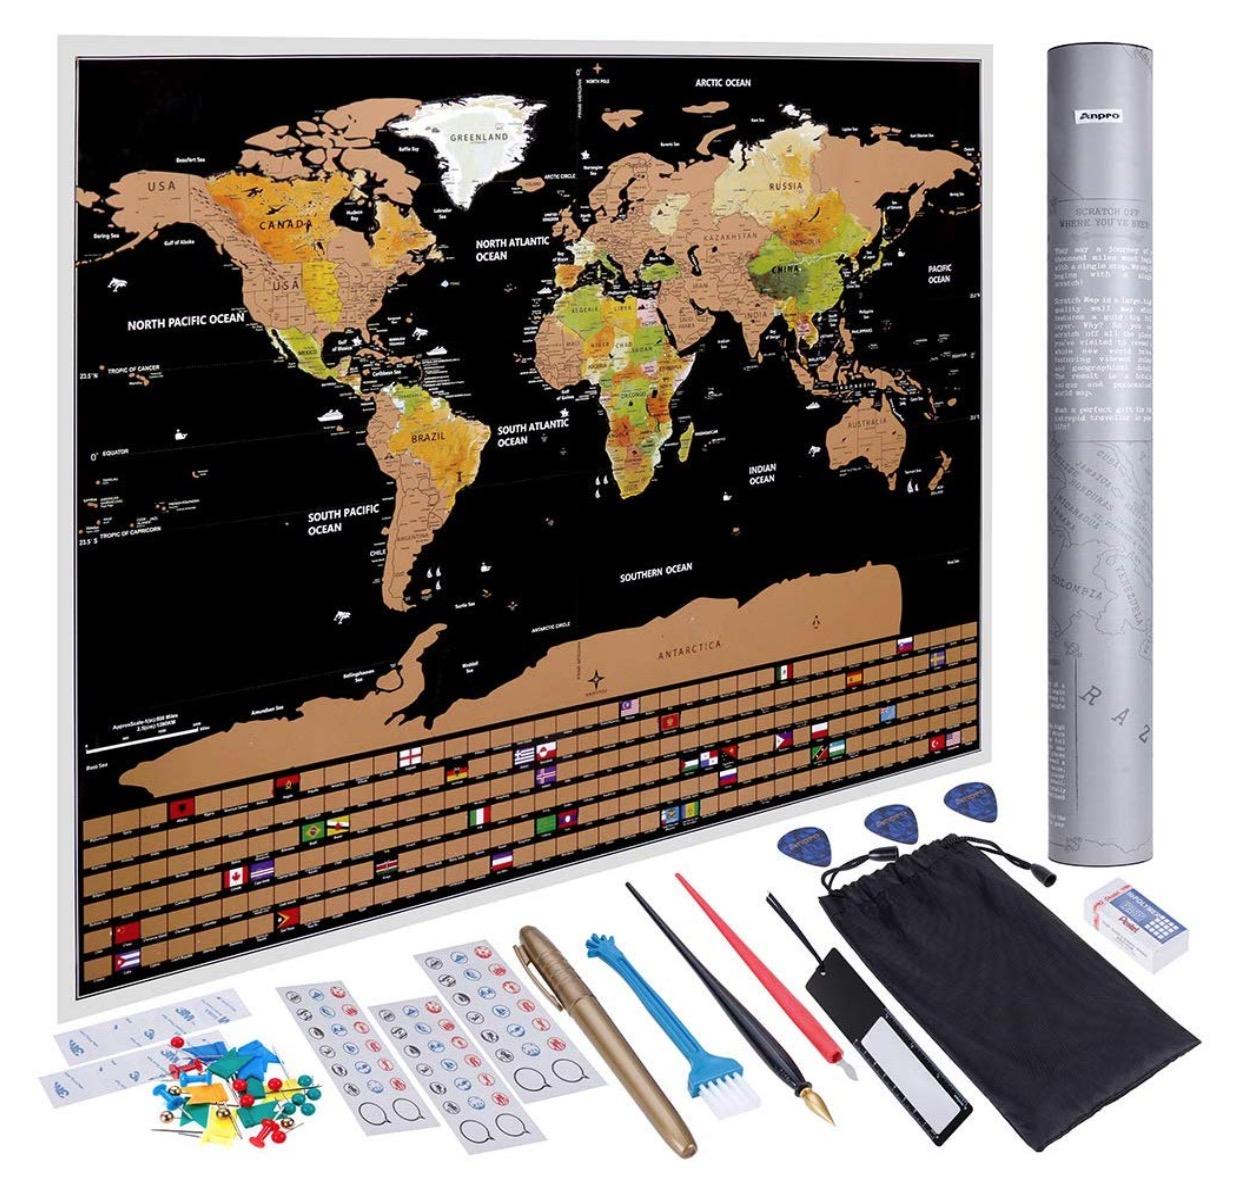 Anpro Weltkarte zum Rubbeln für nur 7,99 Euro